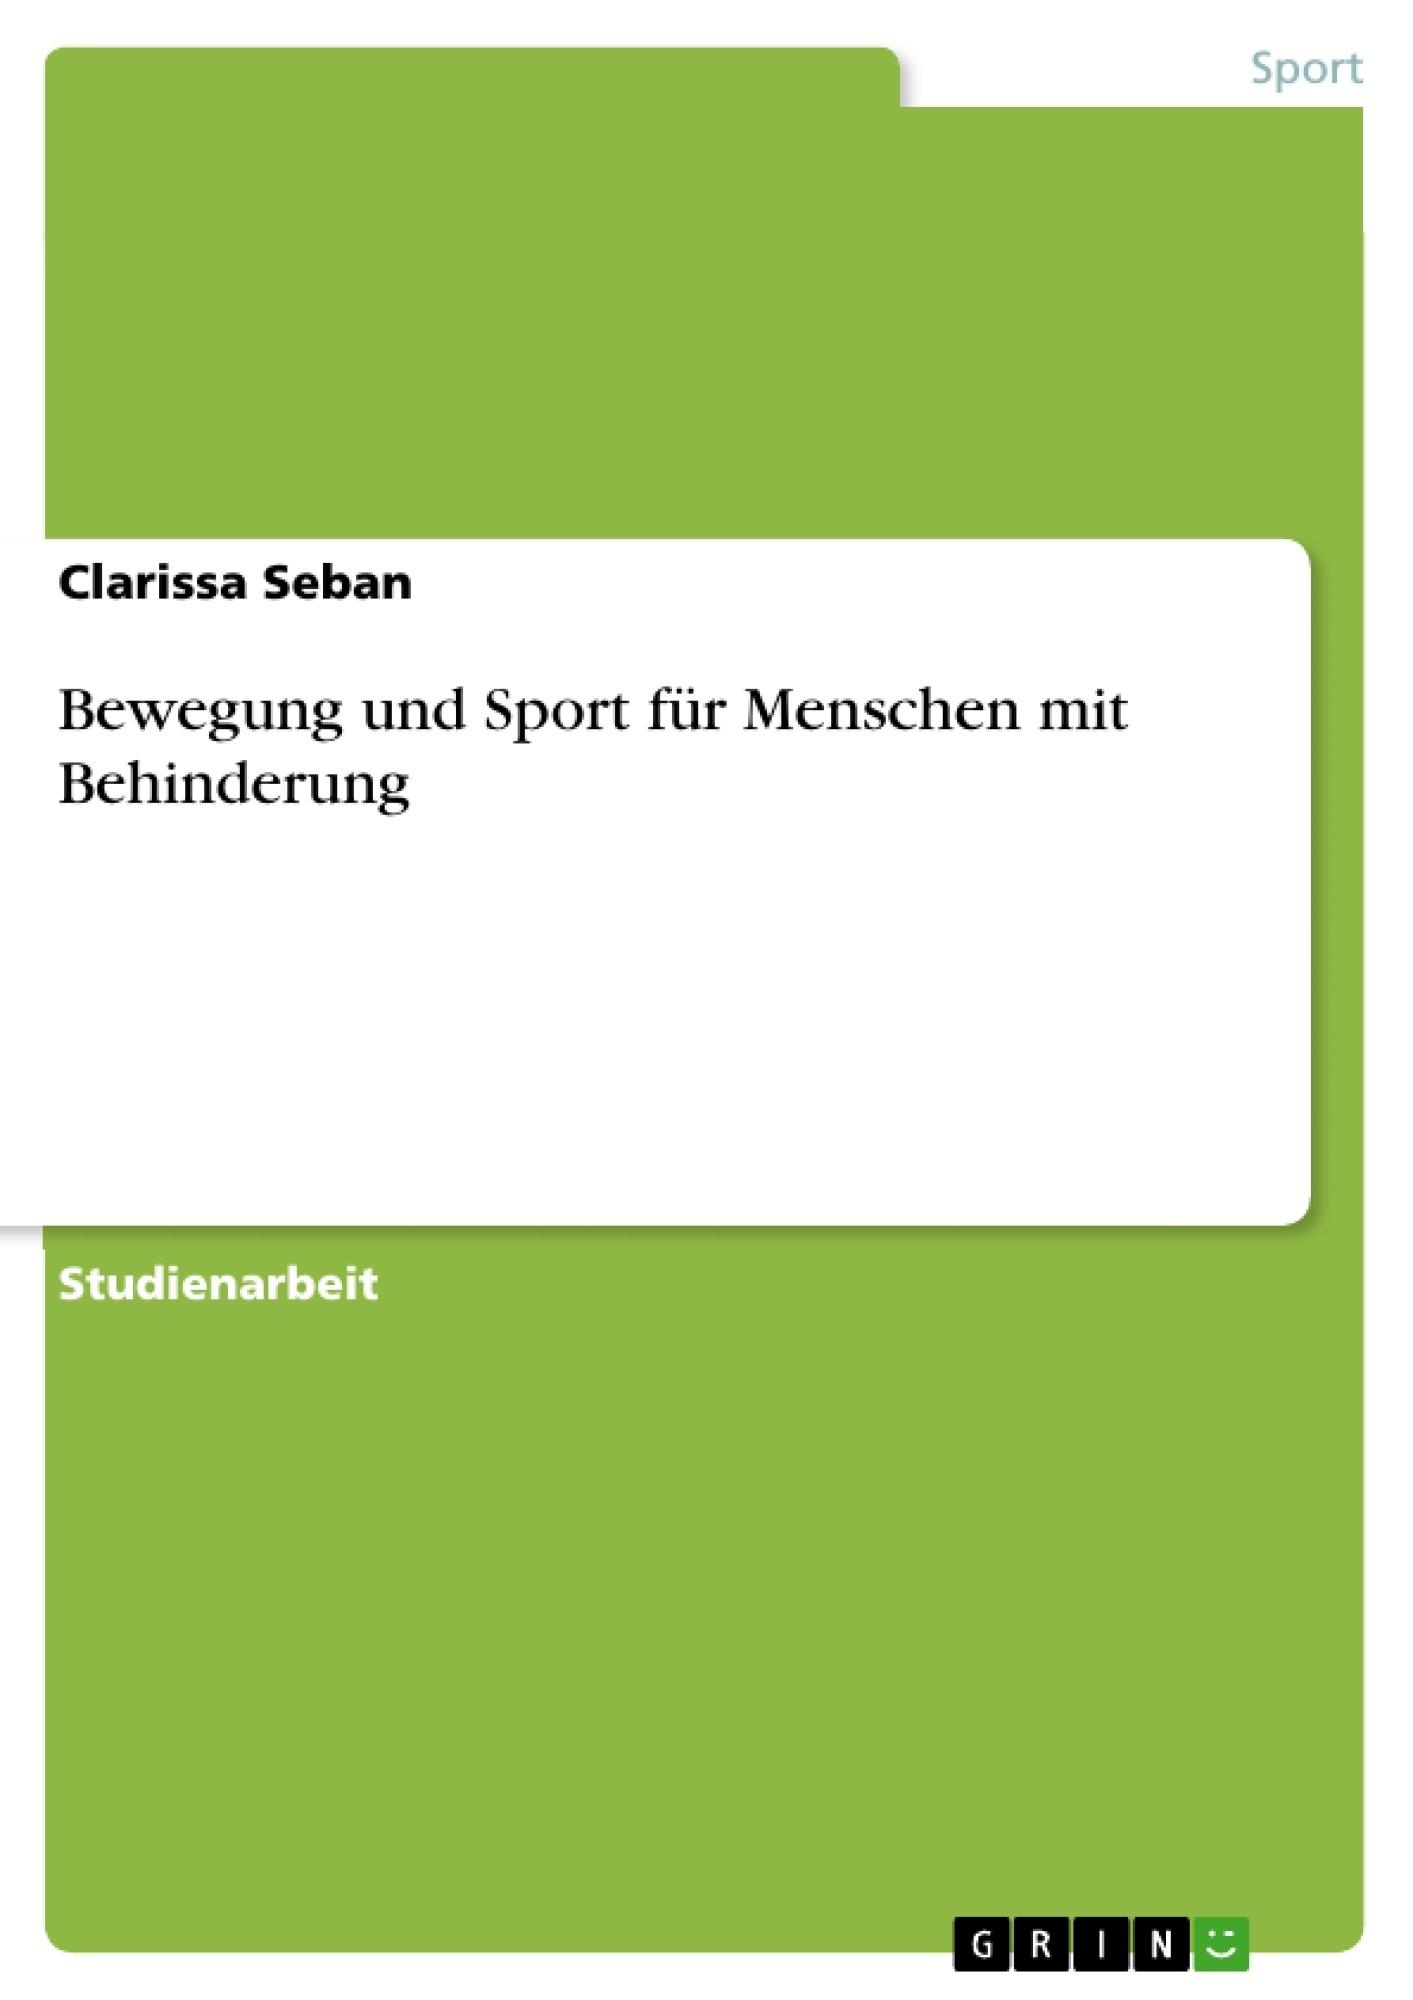 Titel: Bewegung und Sport für Menschen mit Behinderung